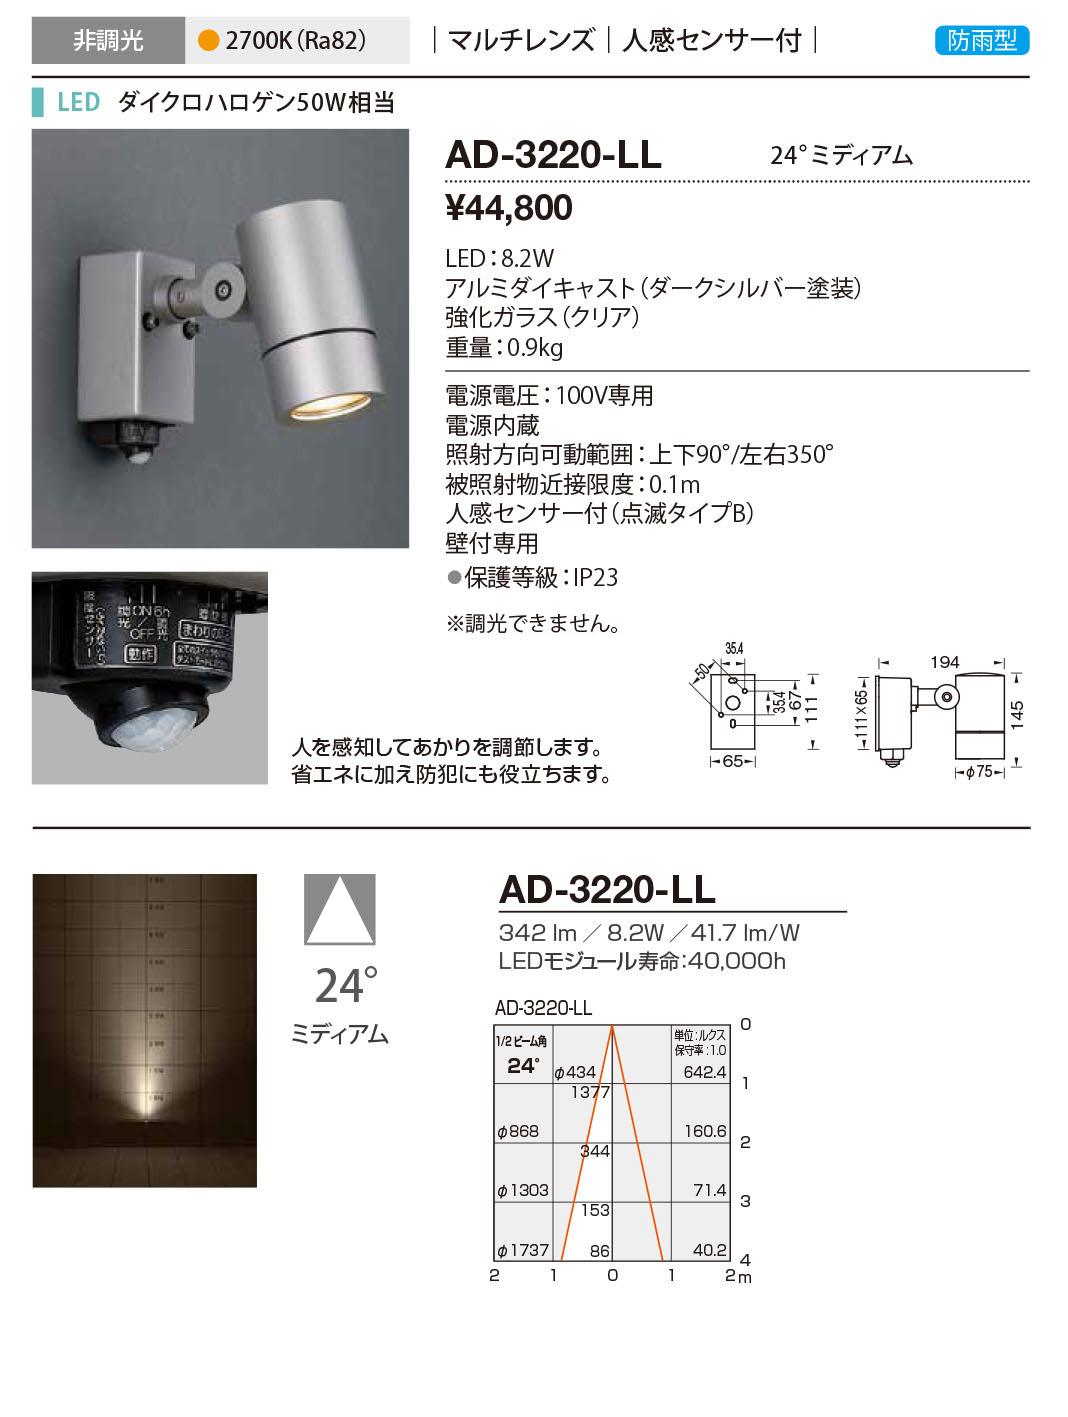 AD-3220-LL 山田照明 照明器具 エクステリア LED一体型スポットライト ディマブル75 非調光 マルチレンズ 人感センサー付 防雨型 ミディアム ダイクロハロゲン50W相当 電球色 AD-3220-LL